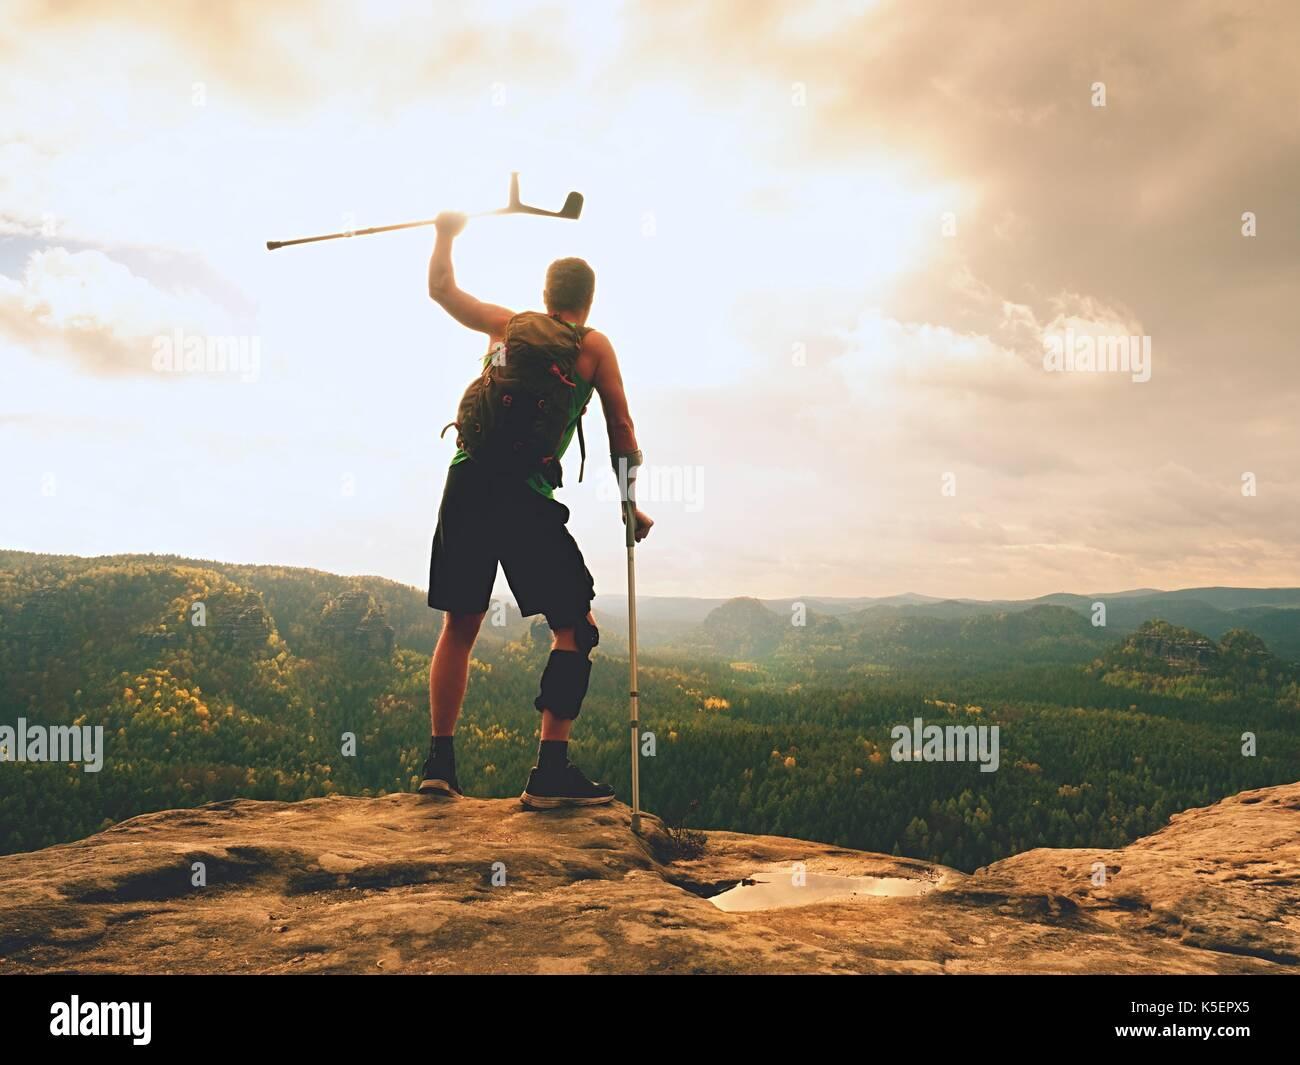 Mann mit Krücken und gebrochenen Bein im Knie fest programmierte Strebe. Reisenden mit verletzten Bein in Bandagen Aufenthalt auf felsigen Sicht in die Berge. Wanderer mit Stockbild